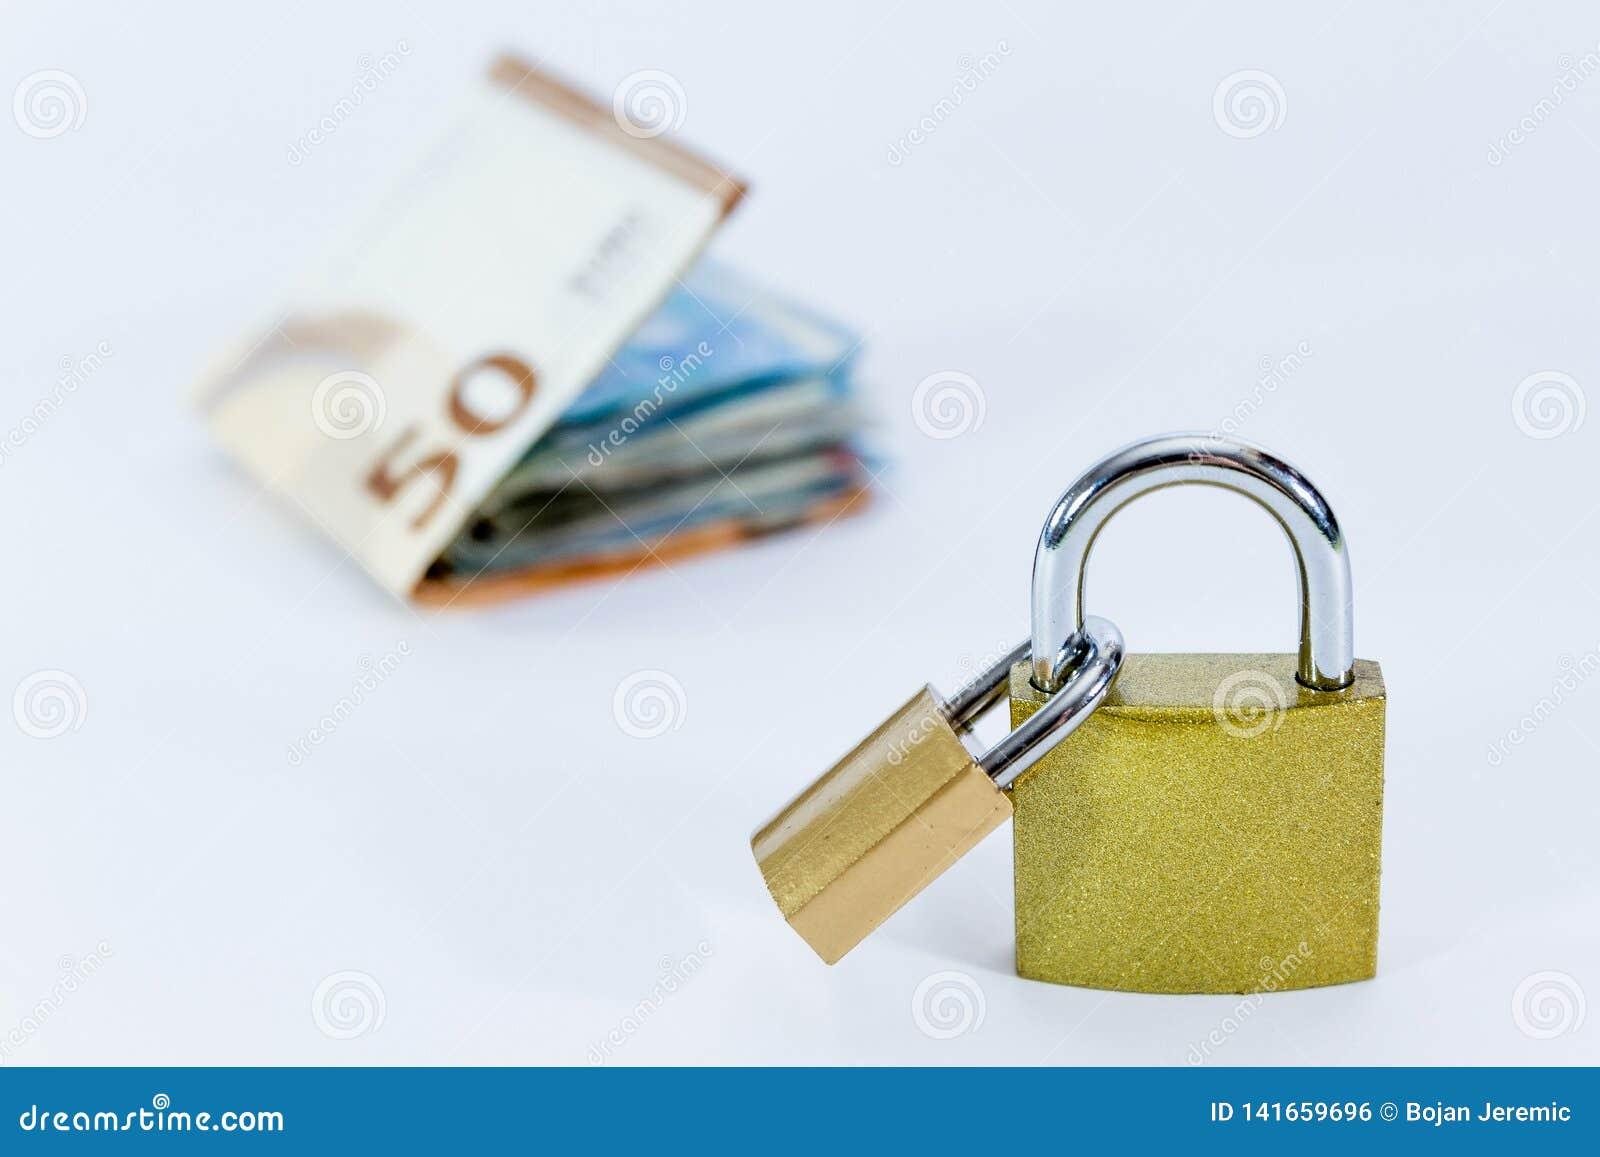 Банкноты значения евро денег с padlock, системой платежей Европейского союза